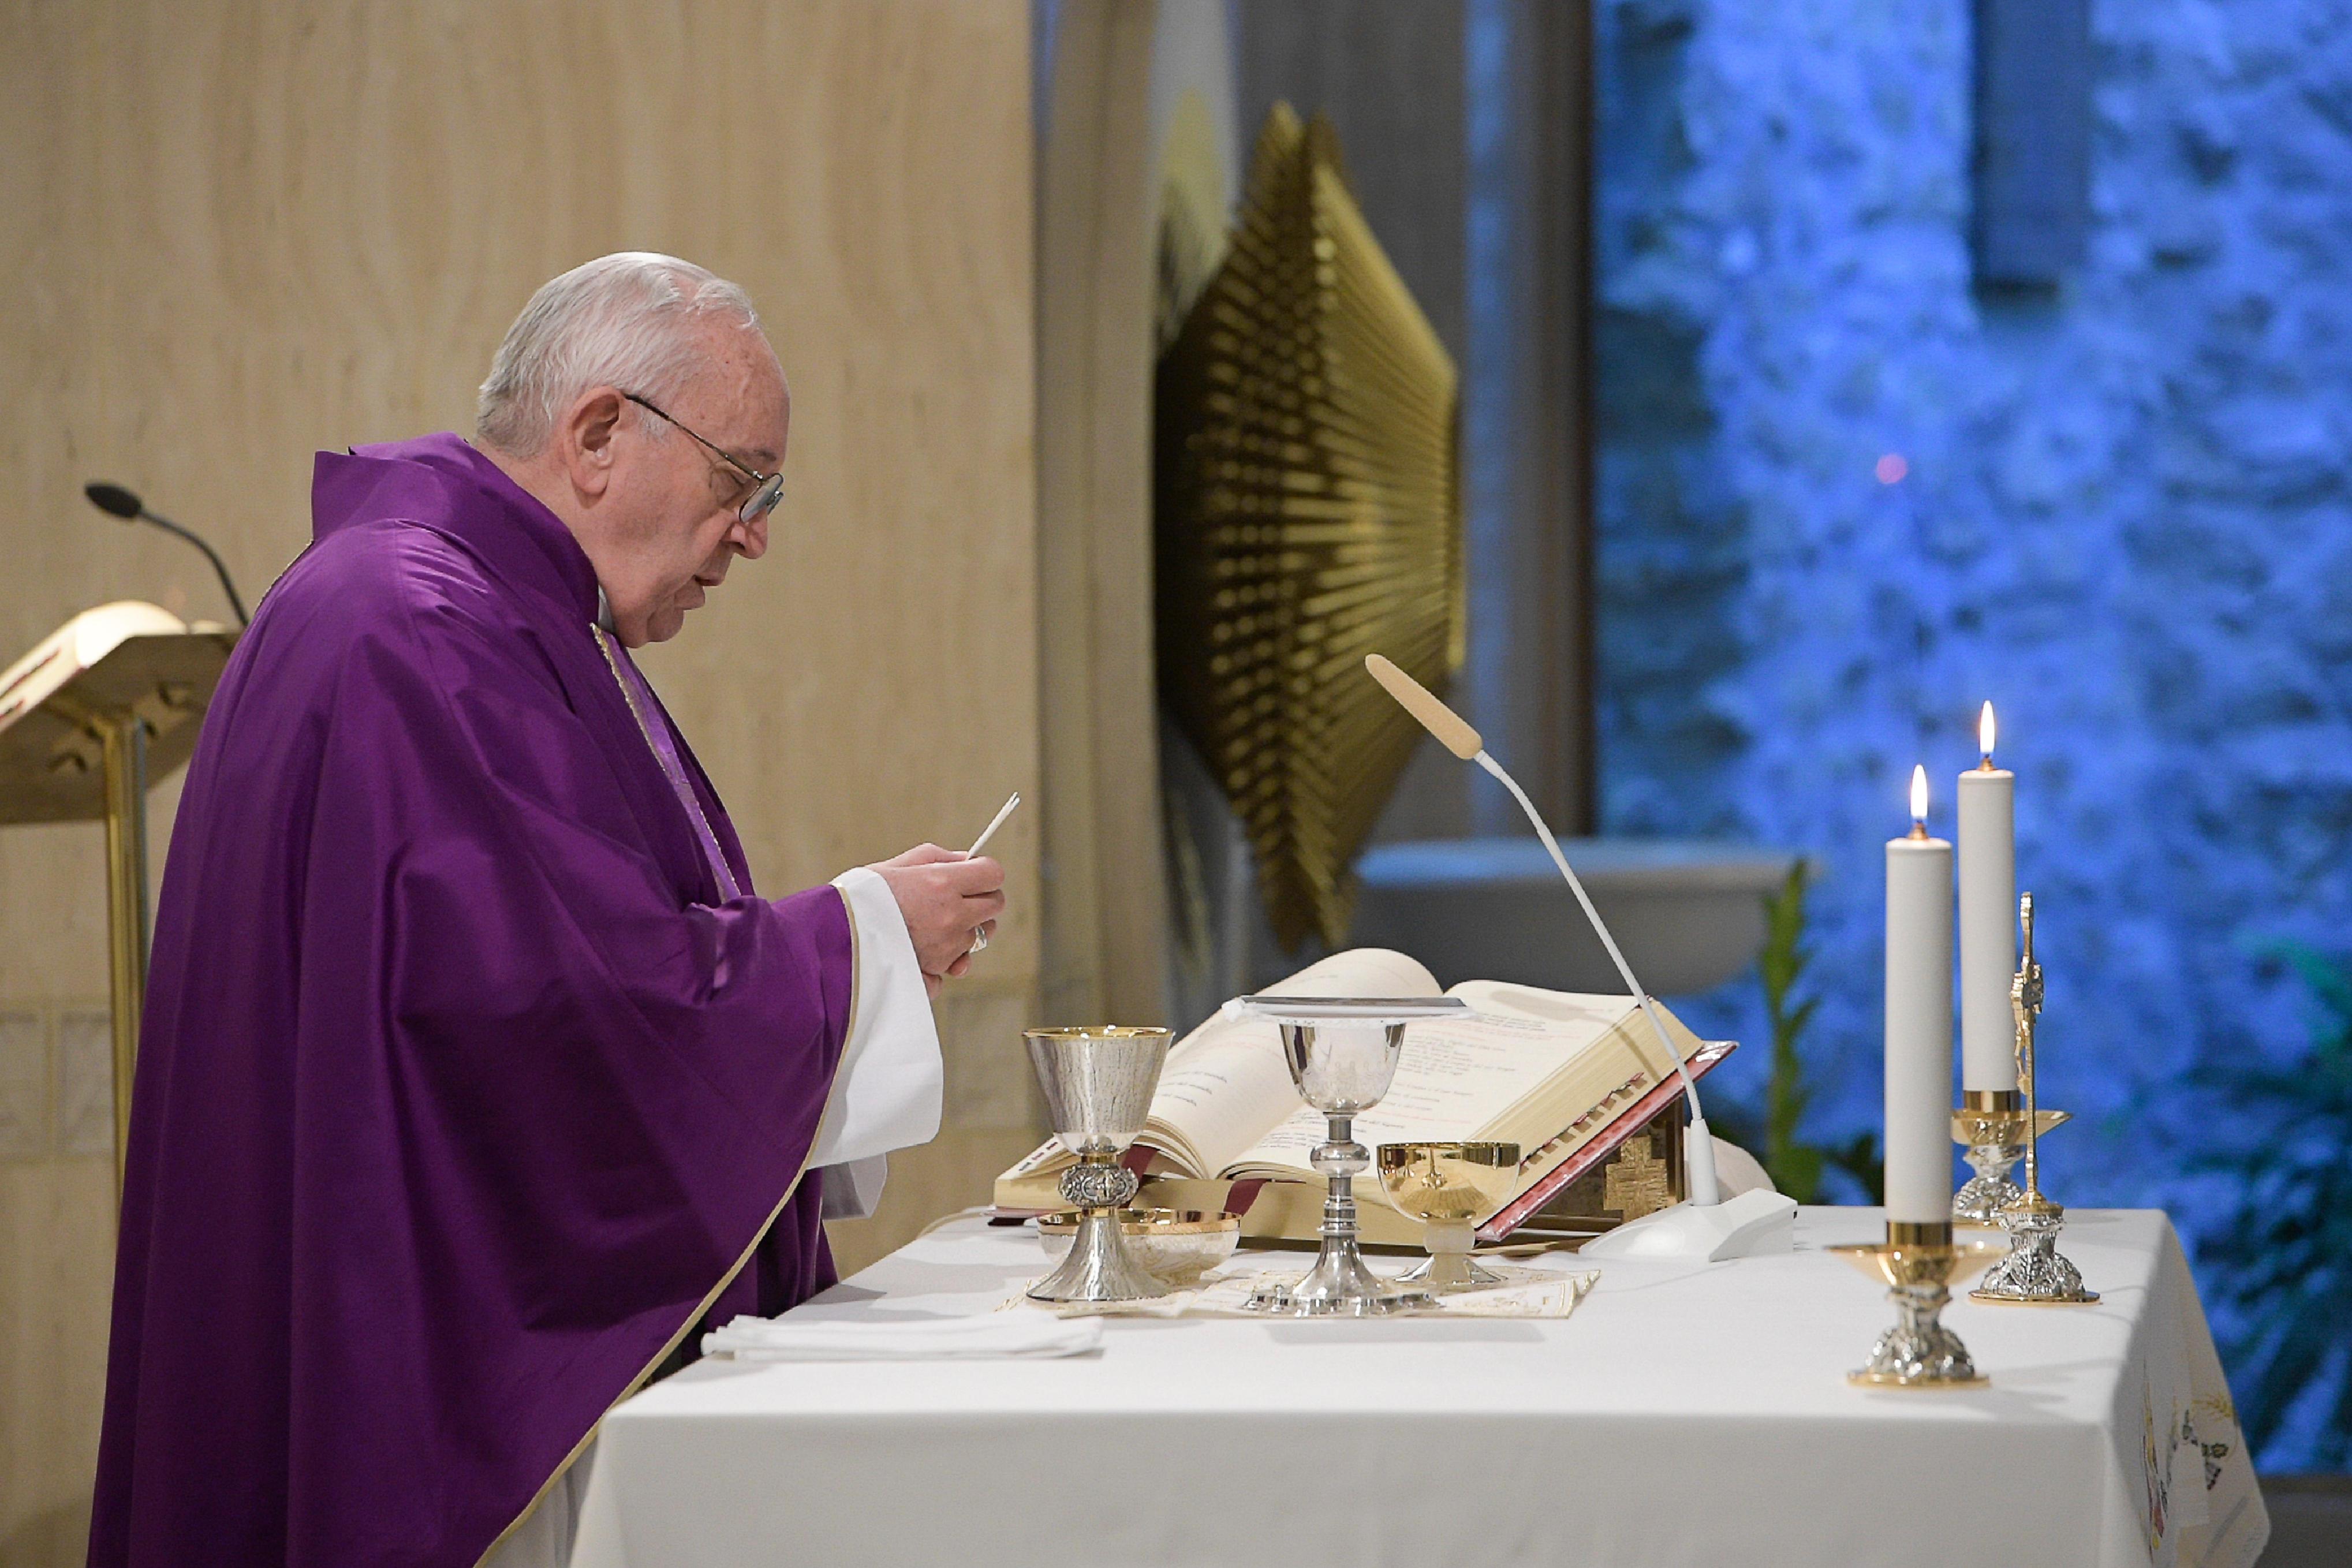 Misa en Santa Marta, 9 abril 2019 © Vatican Media